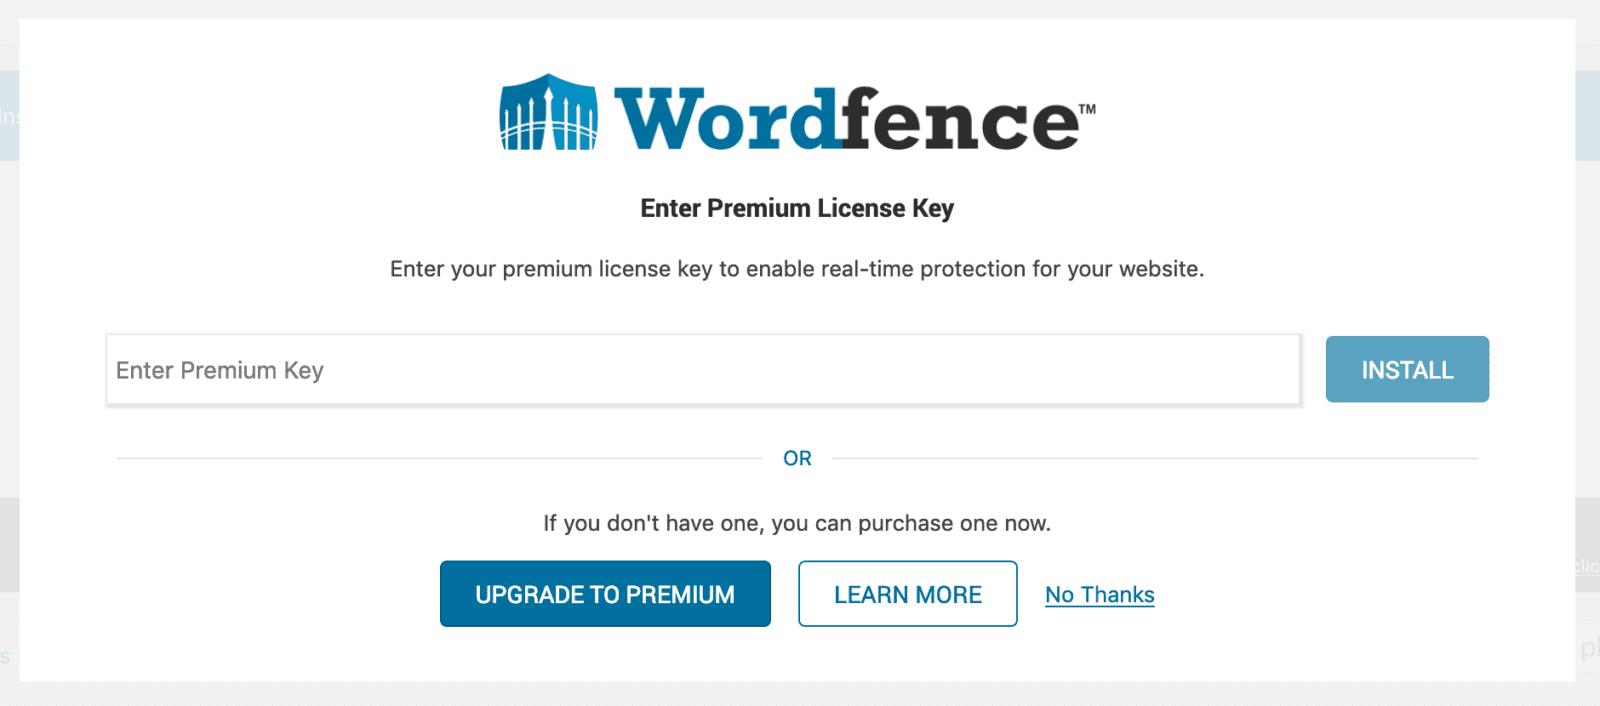 Descargar WordPress y configurar wordfence